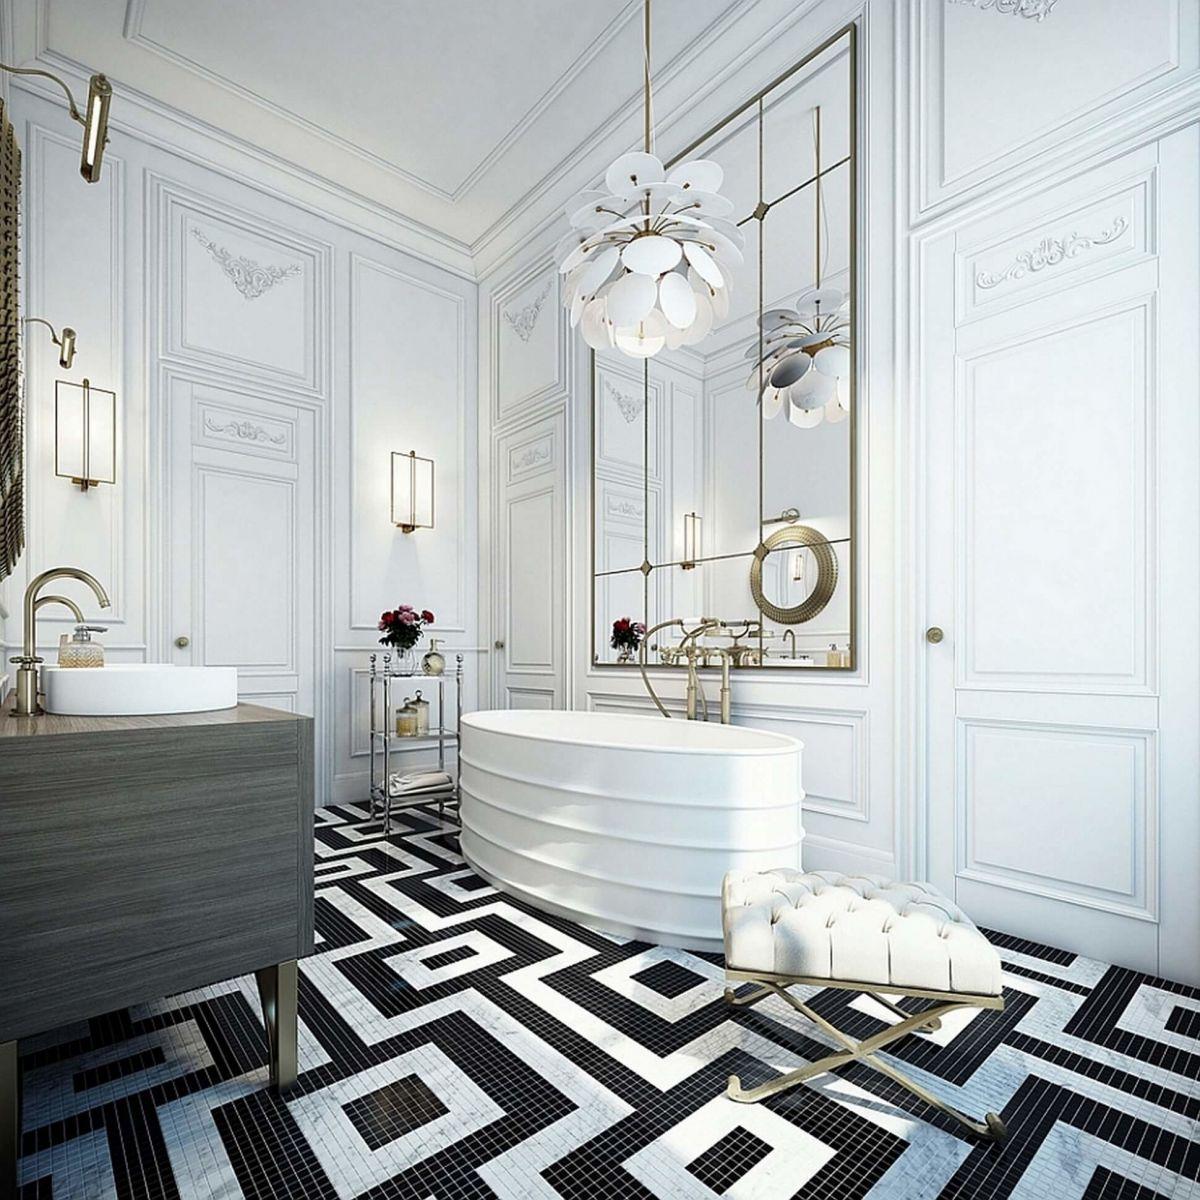 Арт-деко прекрасно отражает эстетику черно-белой гаммы, дополняя её элегантной роскошью.